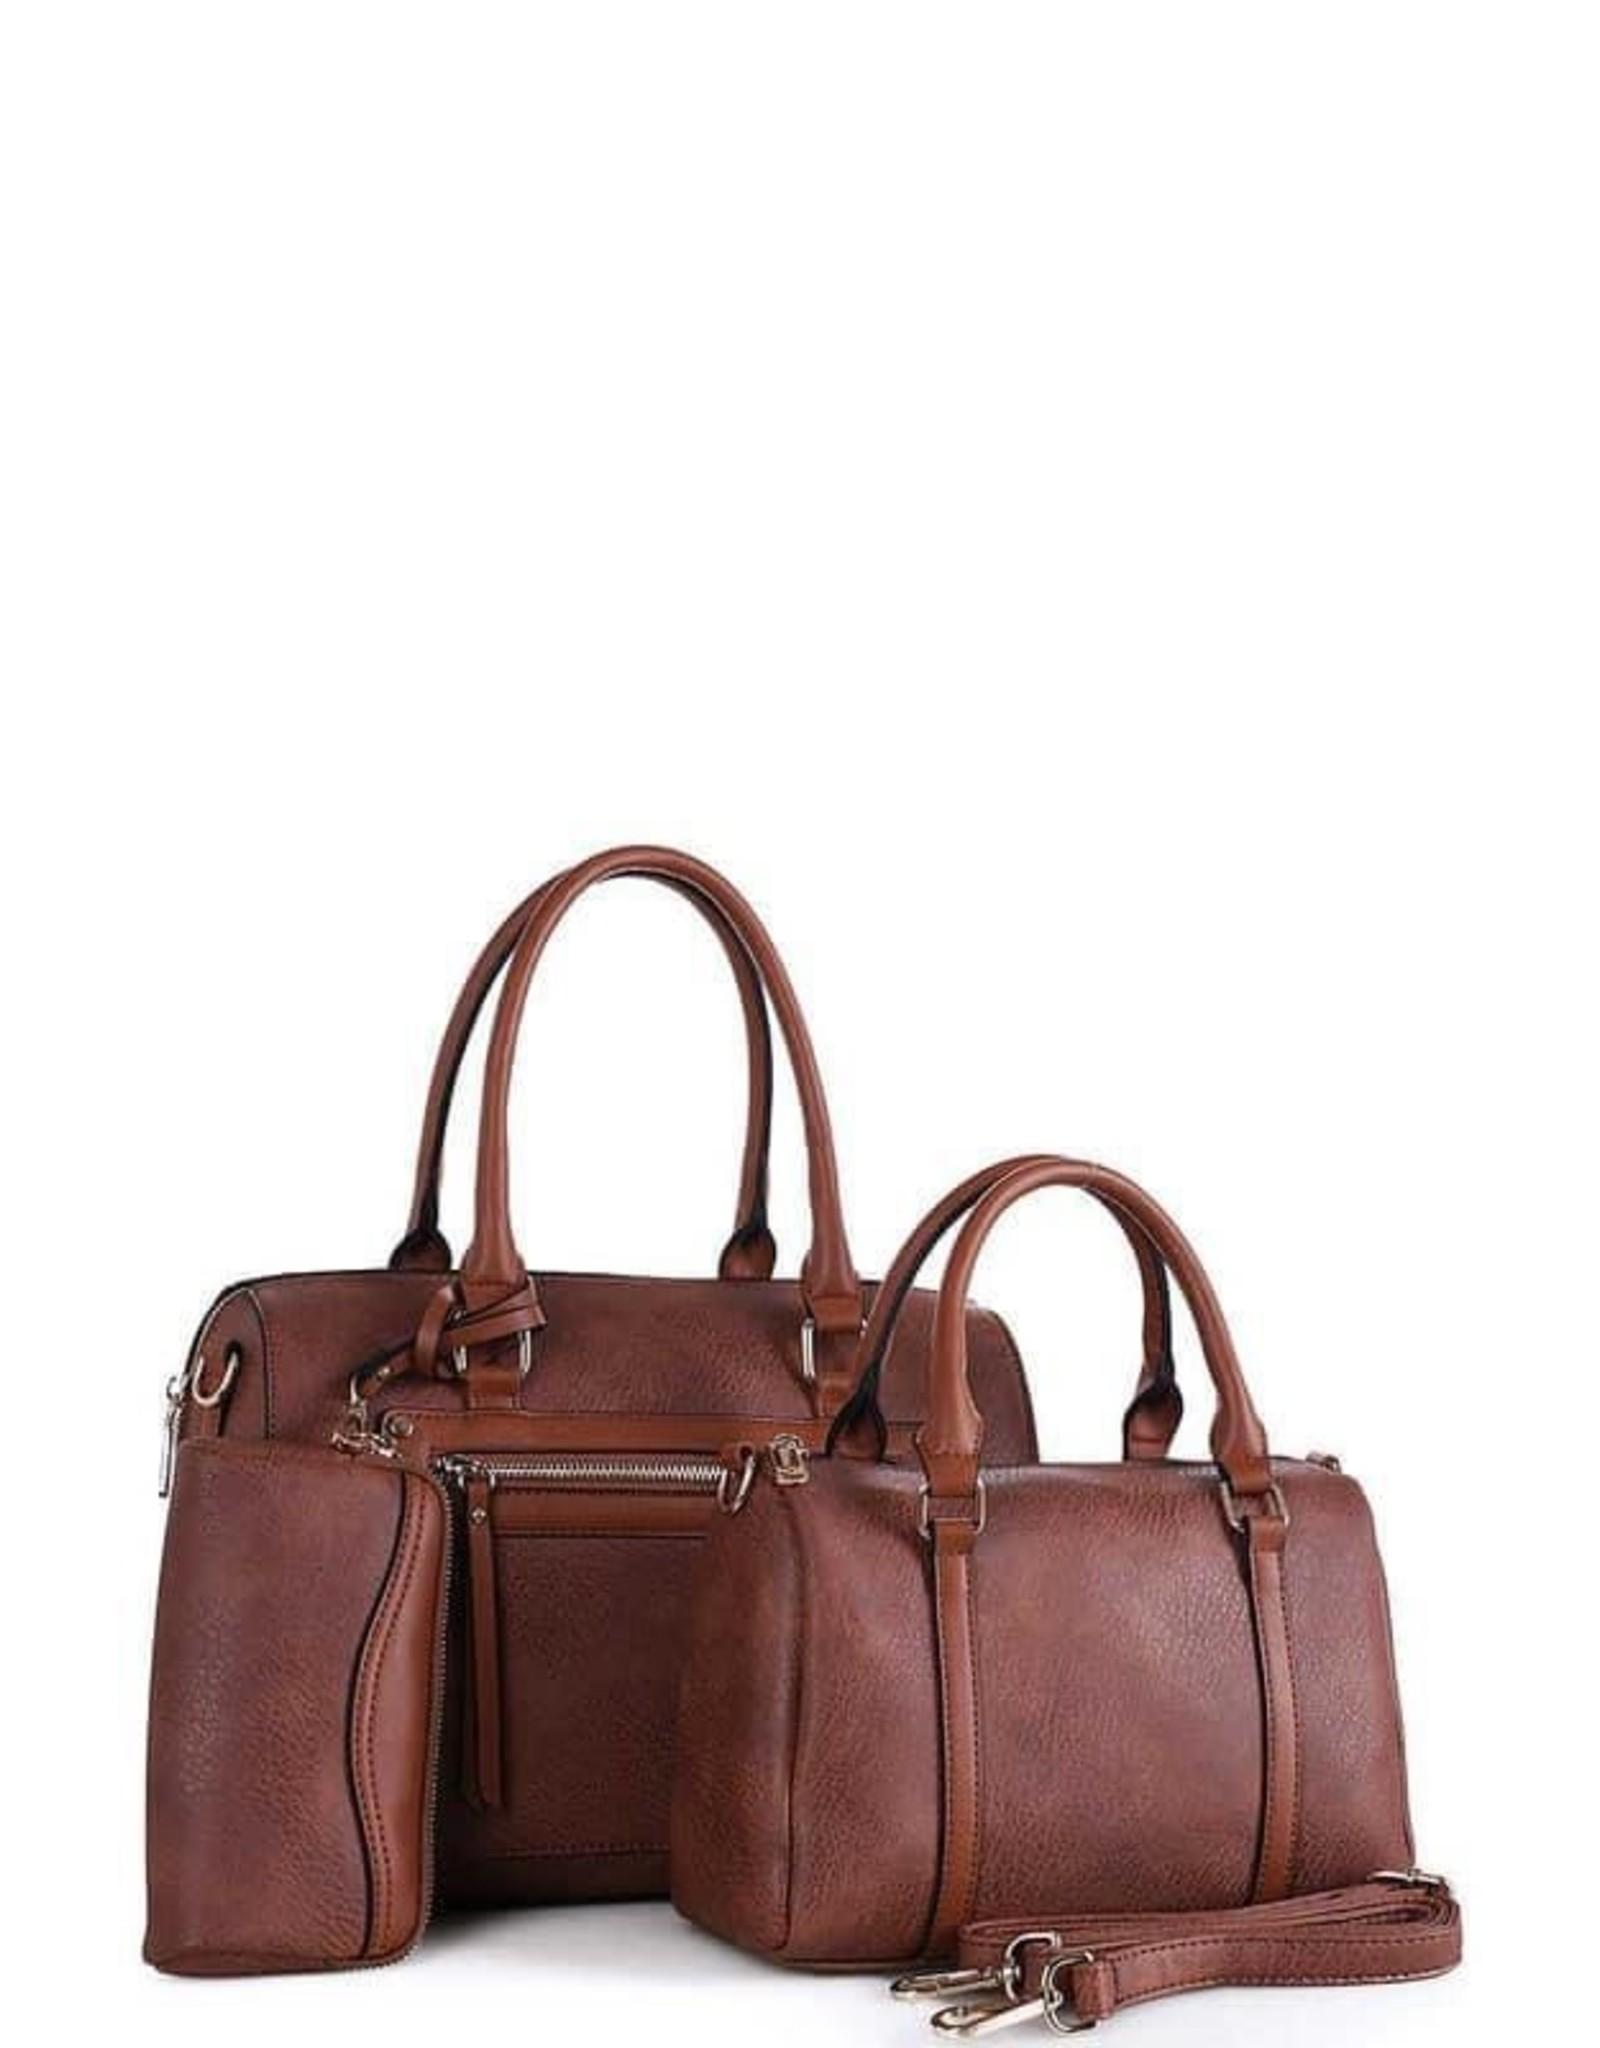 3-in-1 Boston Bag Set